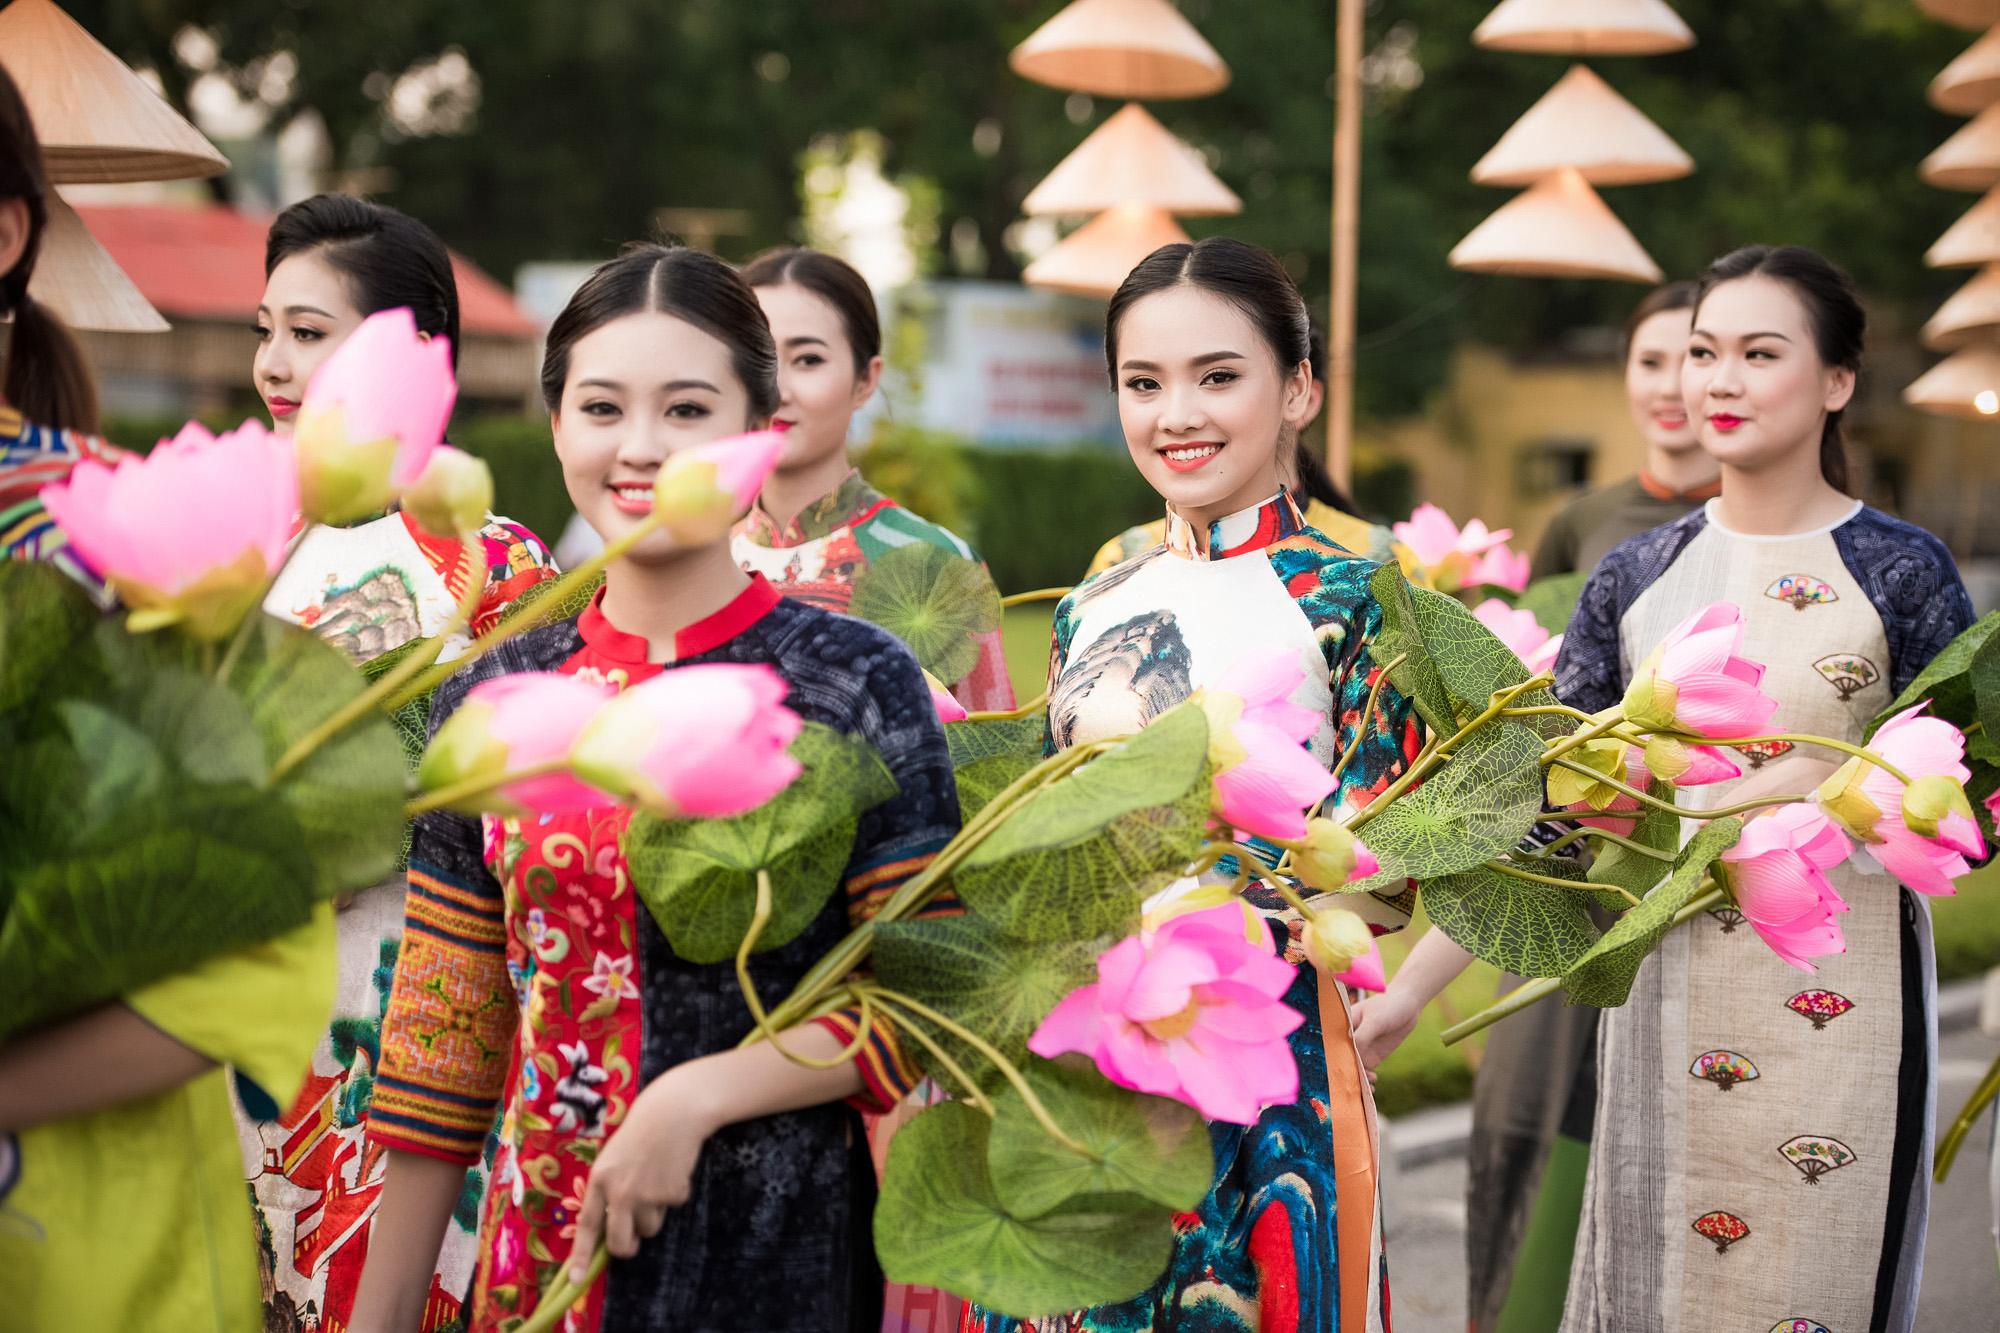 Festival áo dài ngày cuối - Người đẹp mặc áo dài đi diễu hành qua phố 10